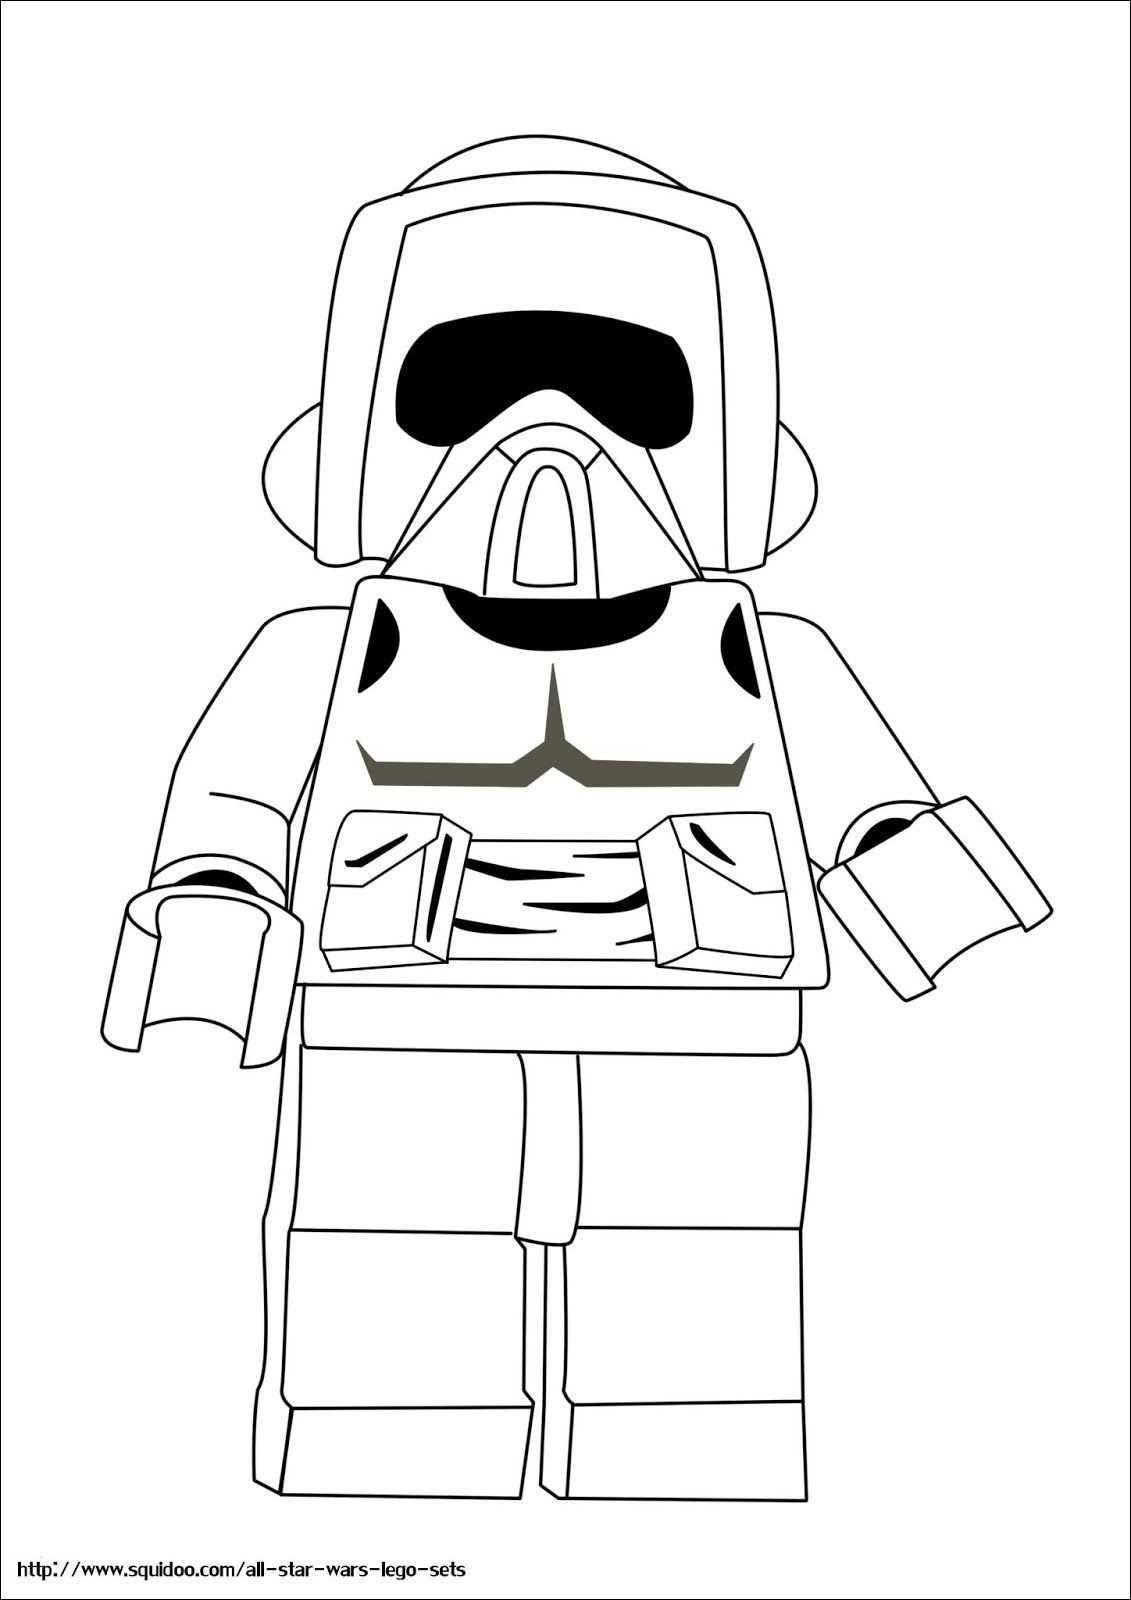 Star Wars Ausmalbilder Darth Maul Genial 63 Malvorlagen Star Wars Kostenlos My Blog Sammlung